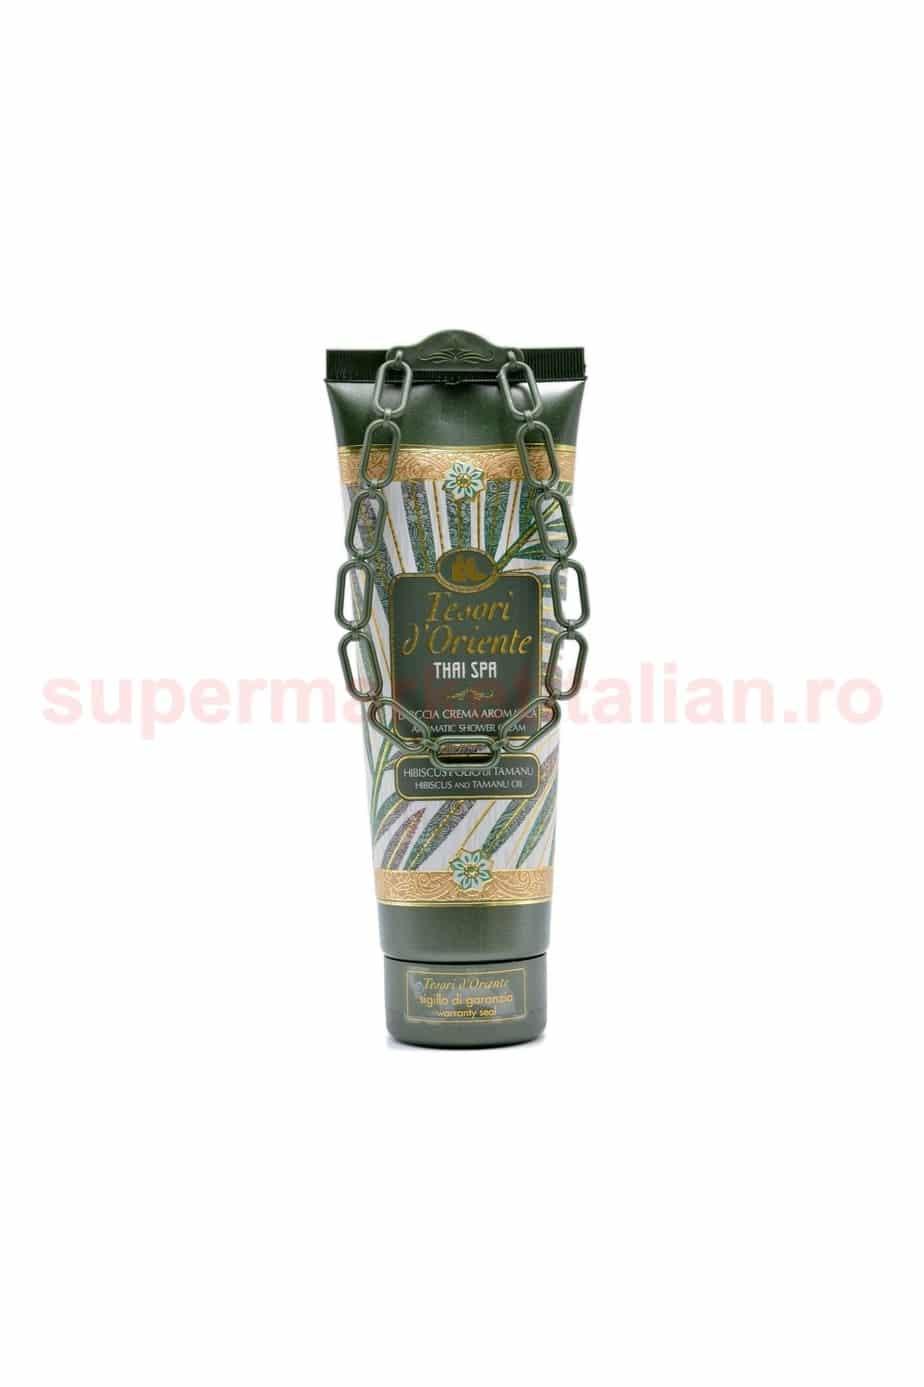 Gel de duș cremă Tesori dOriente Thai Spa 250 ml 8008970048598 2